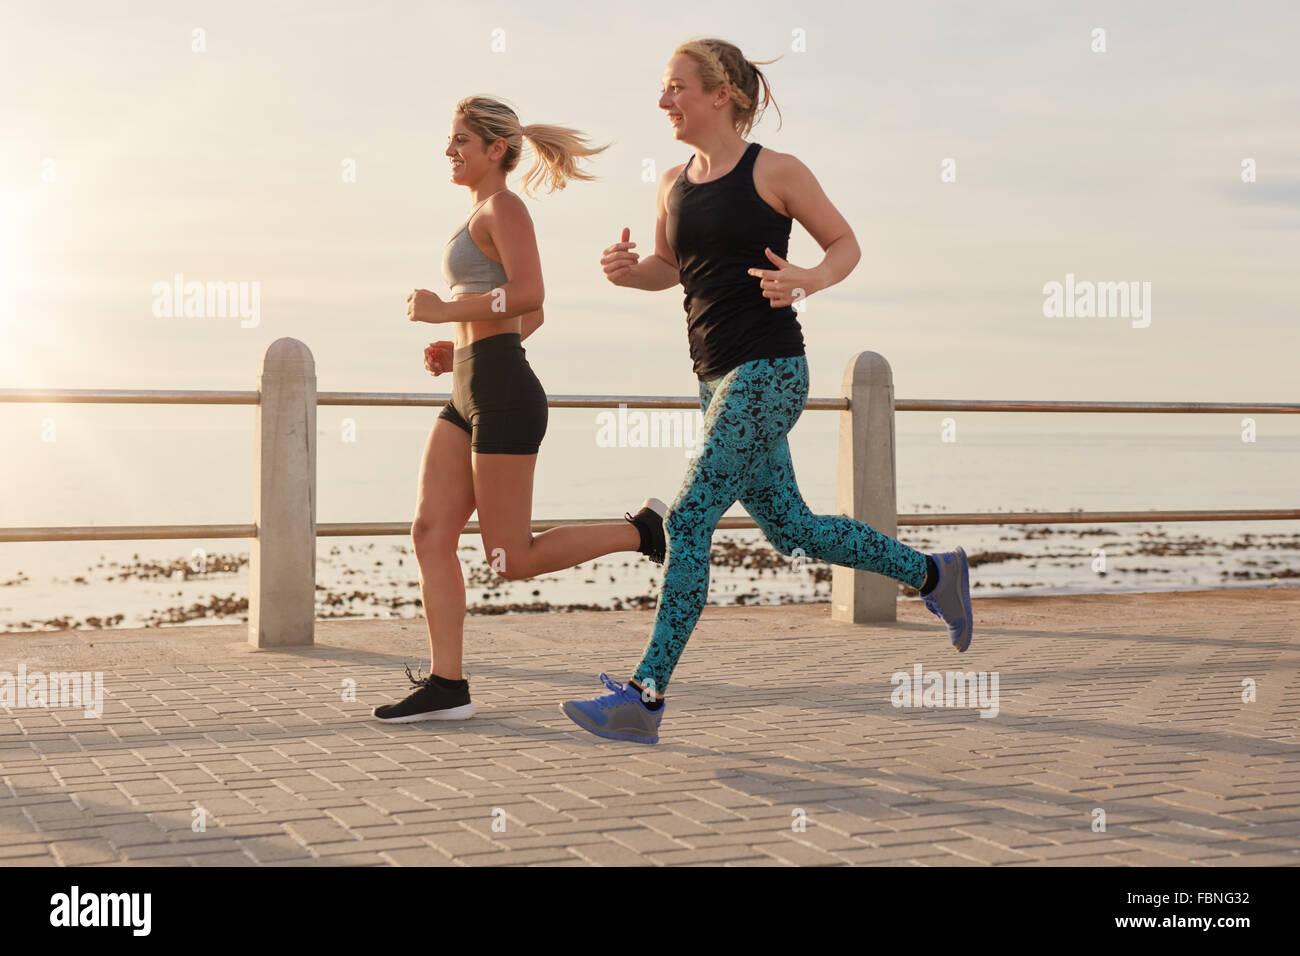 Dos jóvenes mujeres que corrían a lo largo de un paseo marítimo. Colocar los jóvenes corredores Imagen De Stock